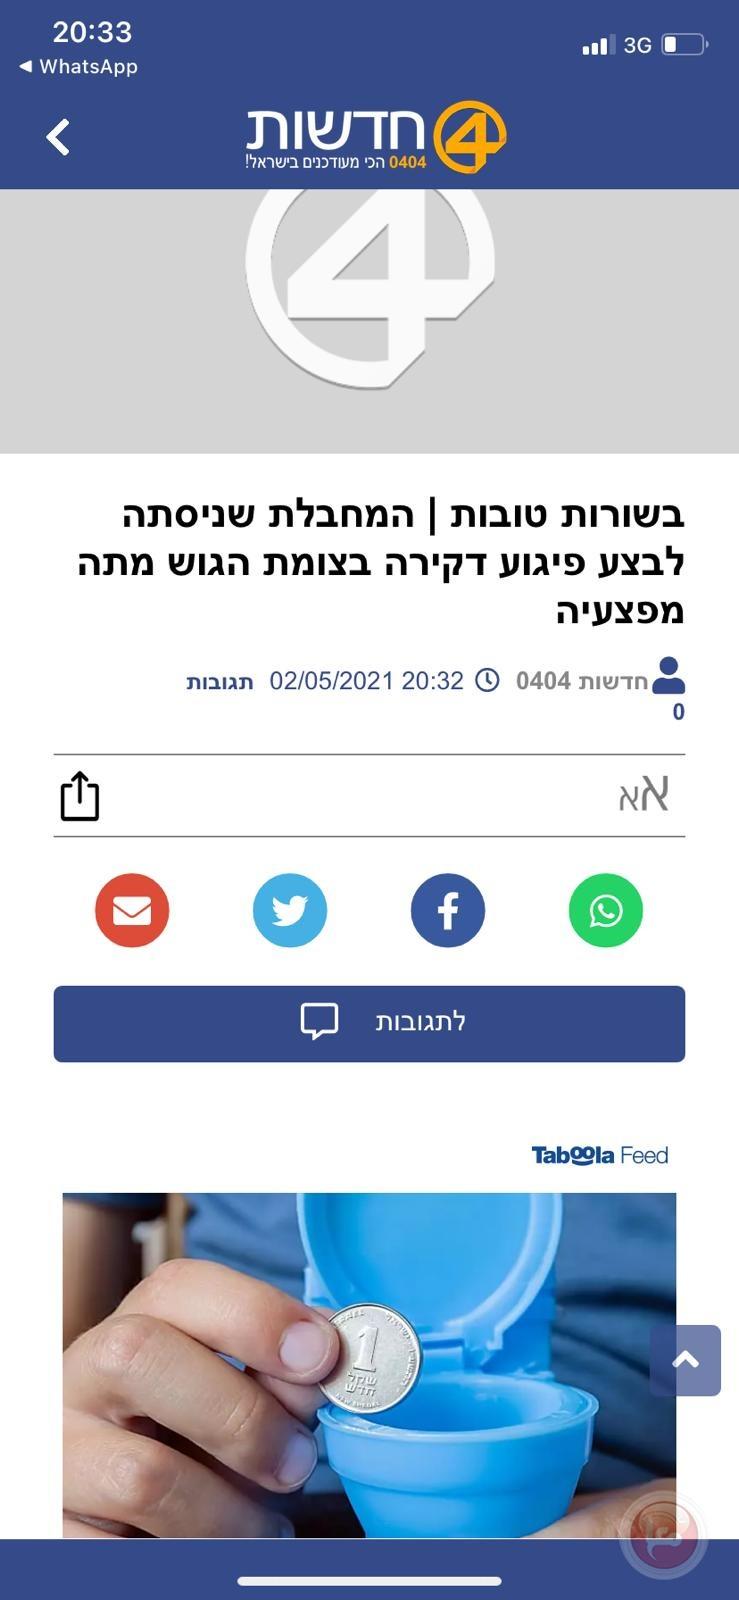 موقع عبري يحرض على الكراهية والحقد عقب استشهاد فلسطينية